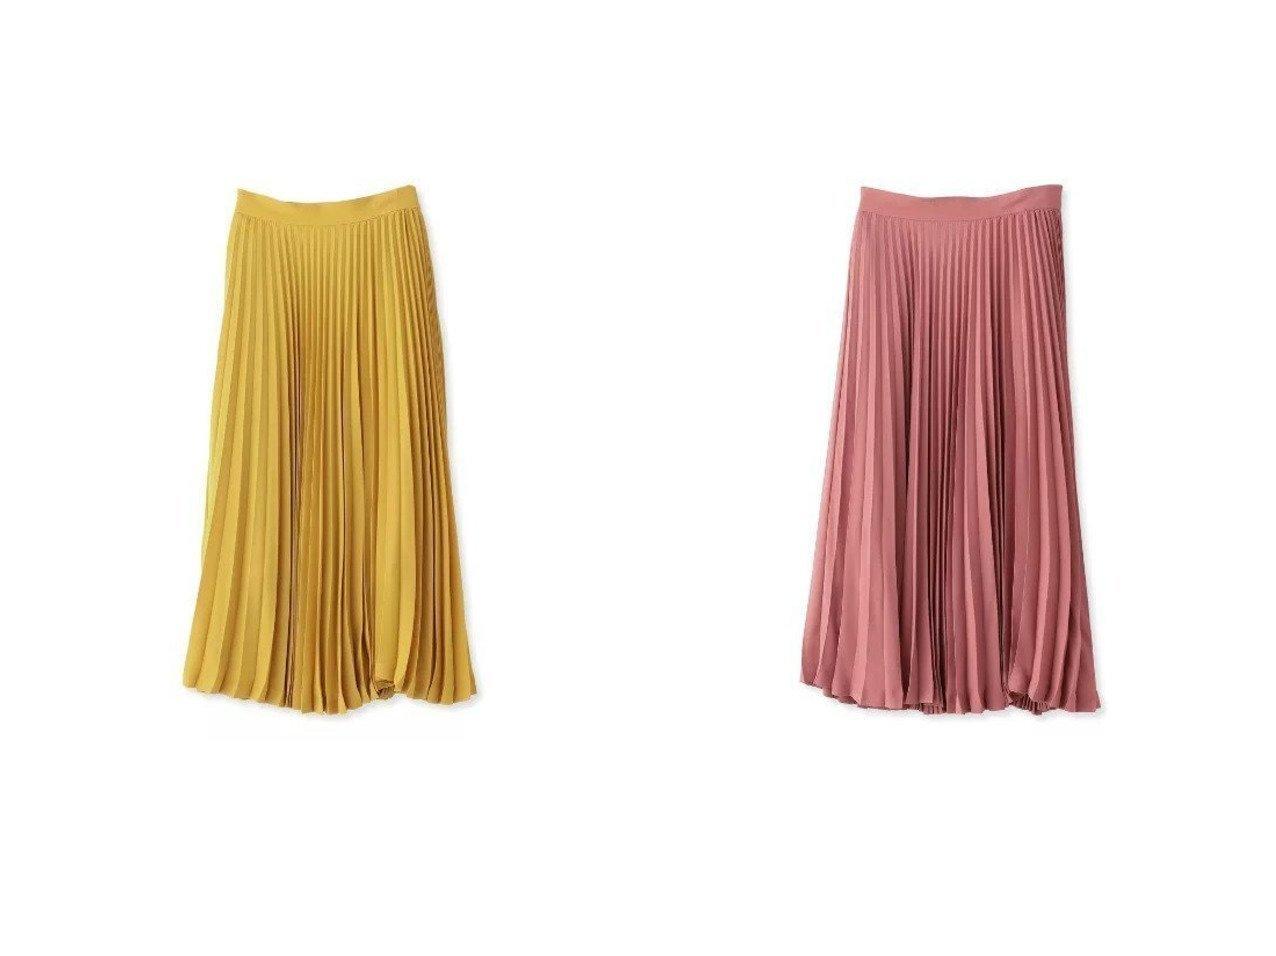 【EPOCA THE SHOP/エポカ ザ ショップ】の【FLICKA】アコーディオンプリーツスカート 【スカート】おすすめ!人気、トレンド・レディースファッションの通販 おすすめで人気の流行・トレンド、ファッションの通販商品 インテリア・家具・メンズファッション・キッズファッション・レディースファッション・服の通販 founy(ファニー) https://founy.com/ ファッション Fashion レディースファッション WOMEN スカート Skirt プリーツスカート Pleated Skirts エレガント ドレス フェミニン フォルム プリーツ マキシ ロング |ID:crp329100000070206